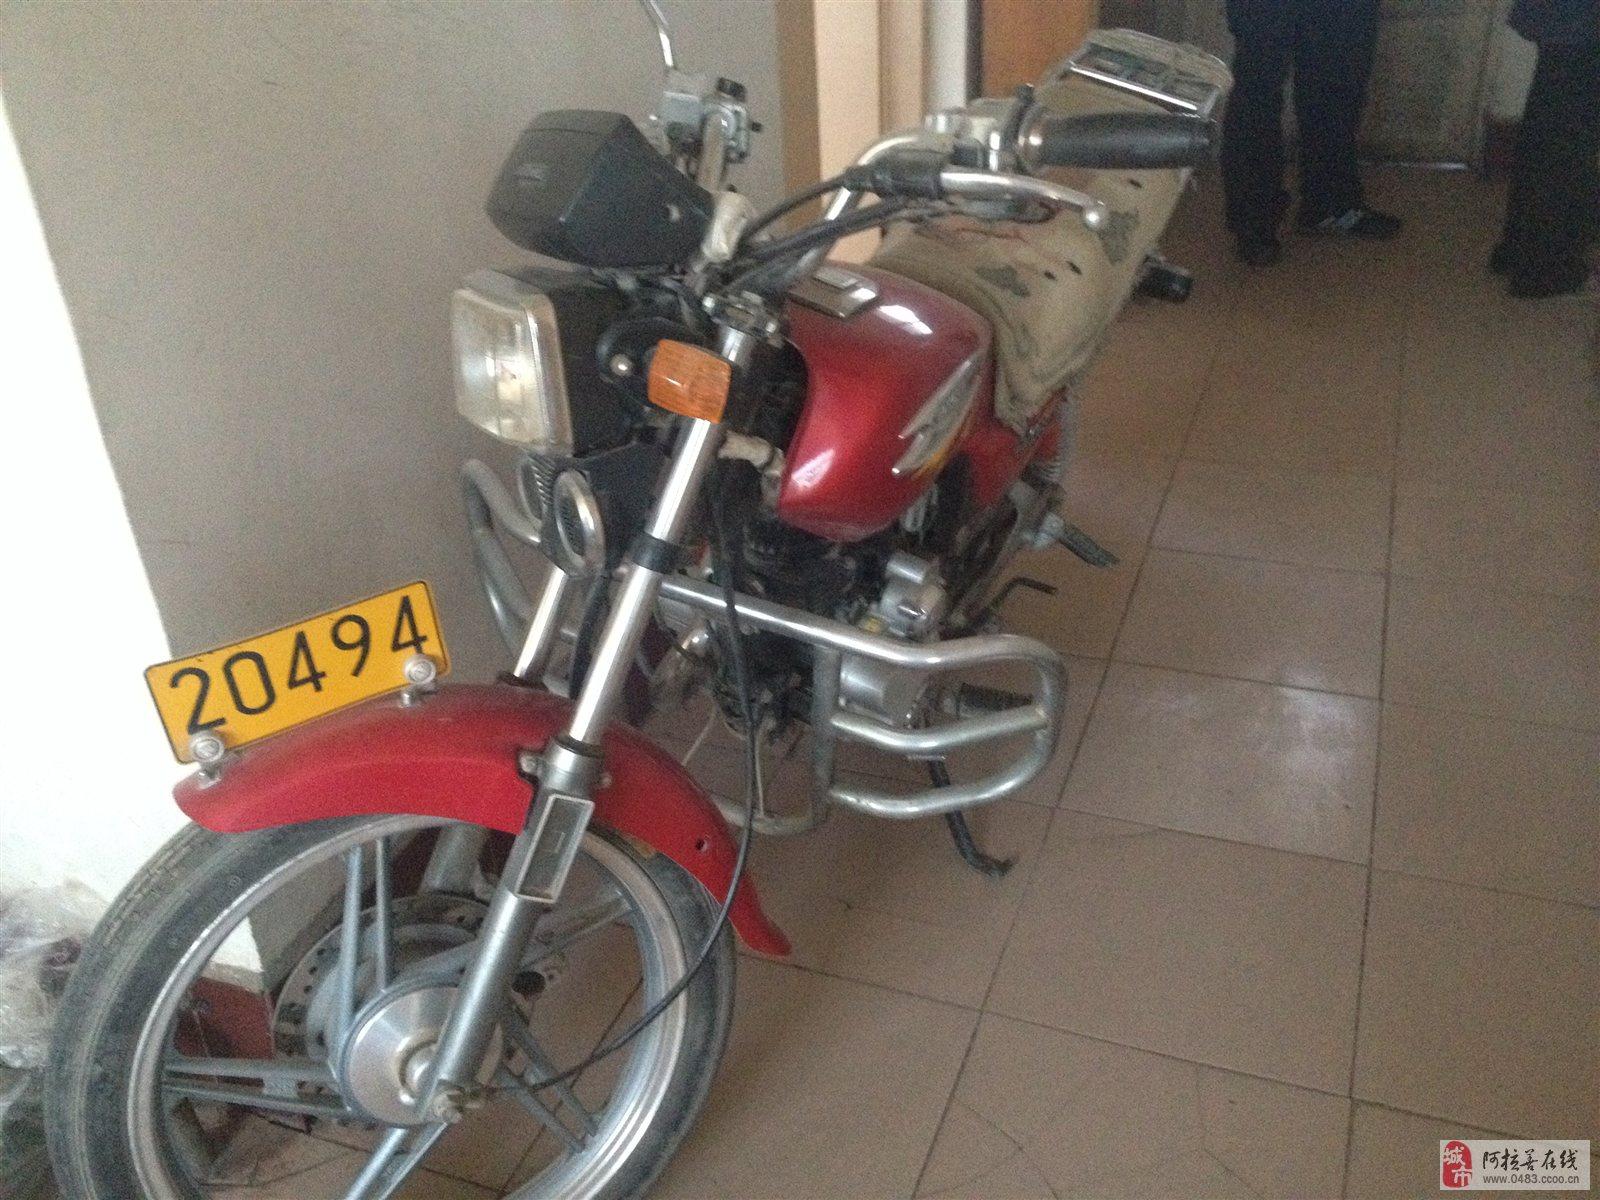 机器设备 摩托 摩托车 1600_1200